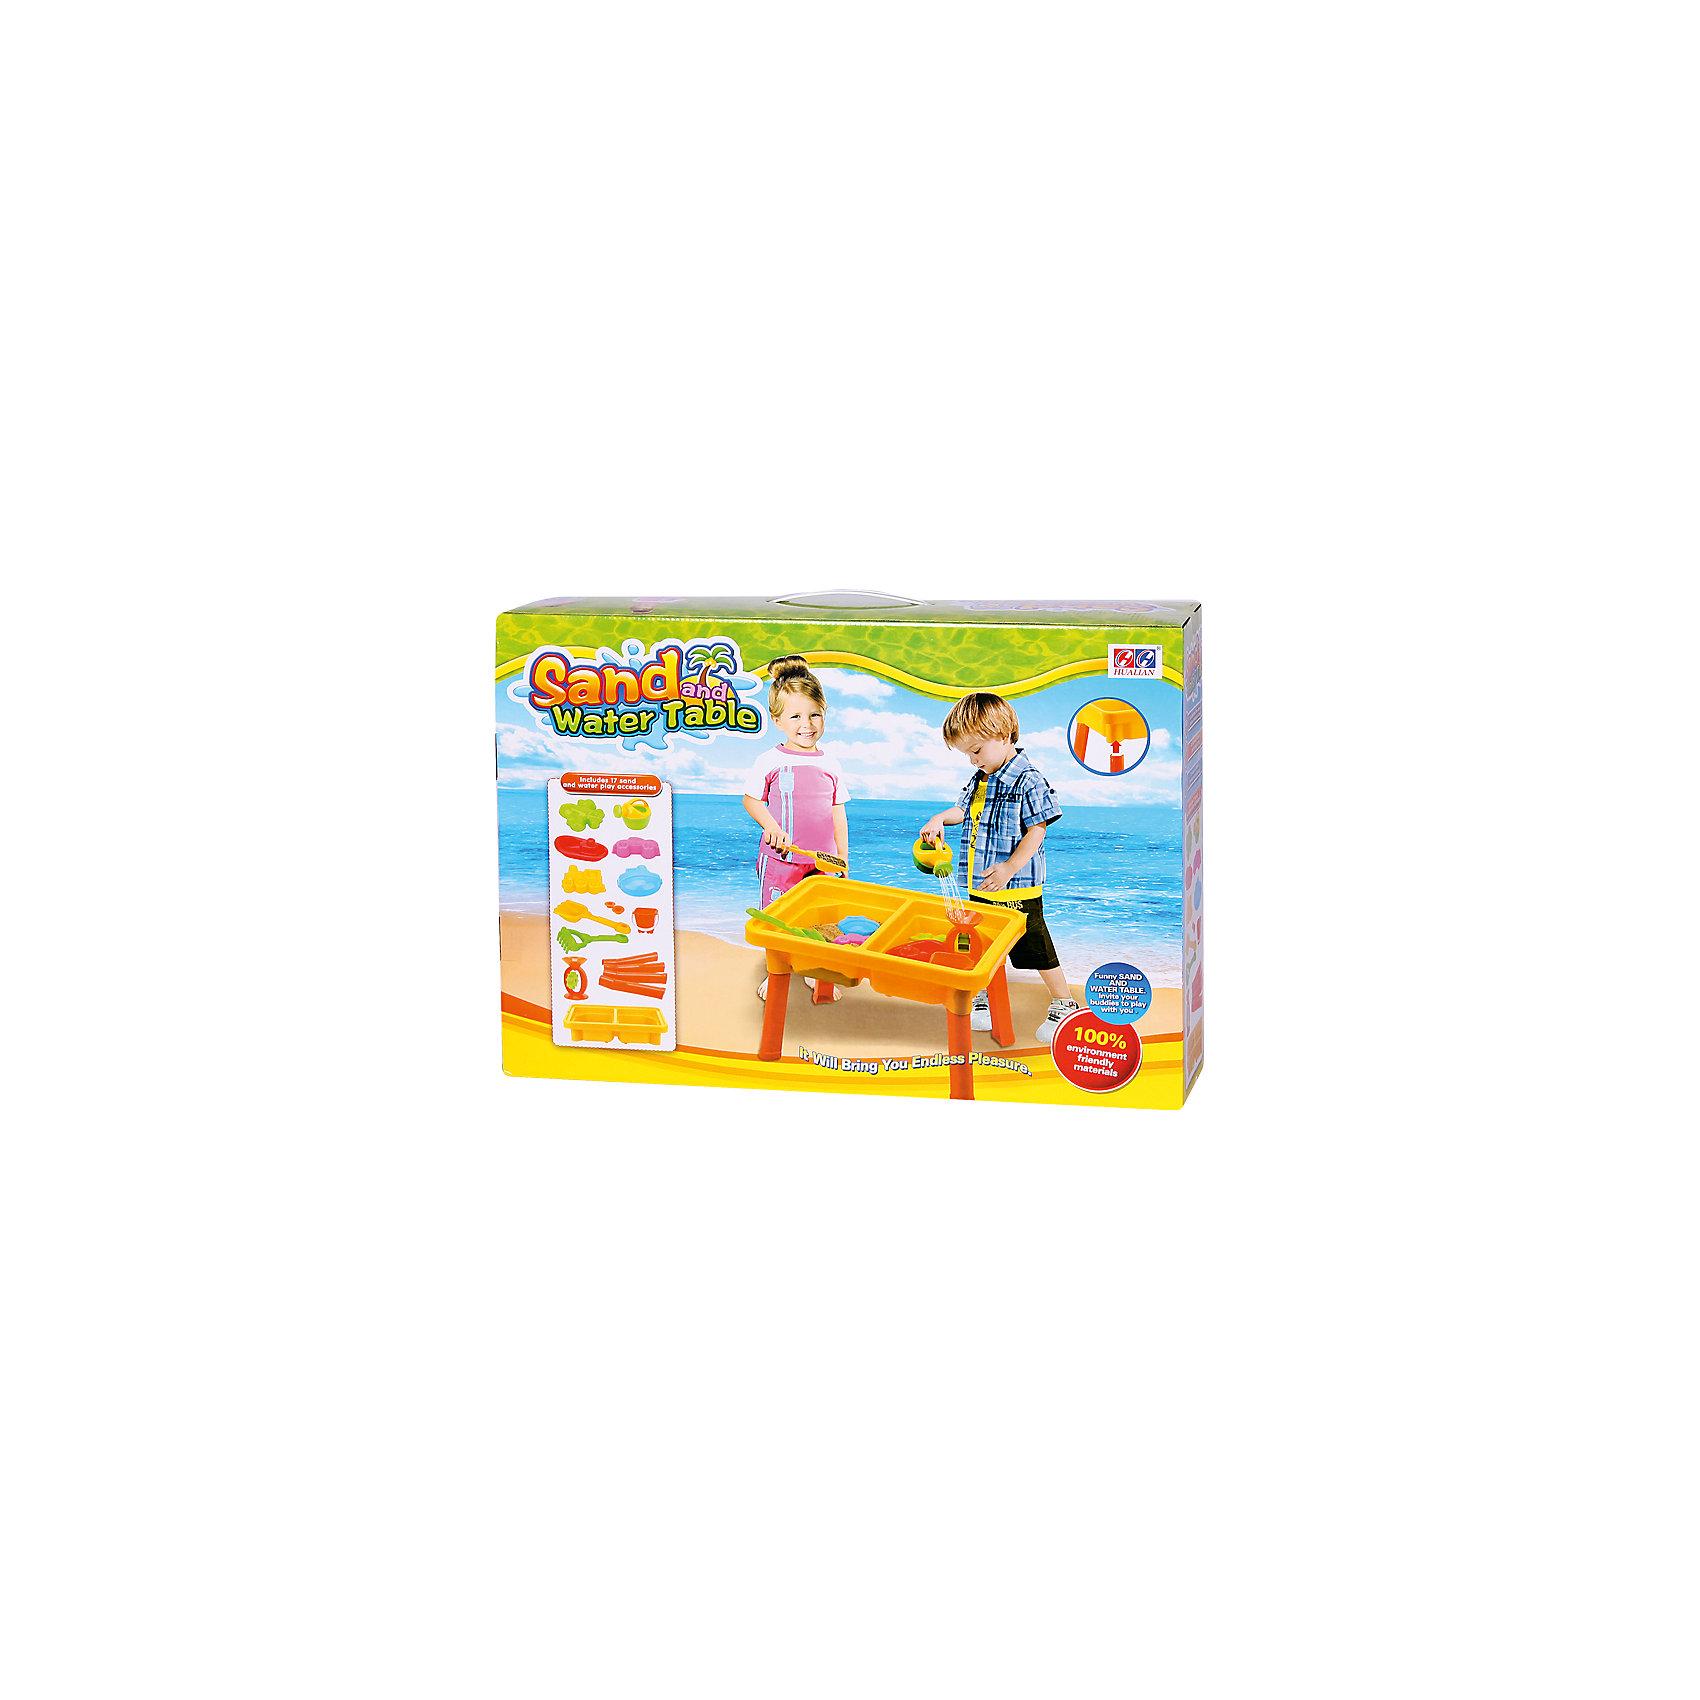 Стол для игр с песком и водой Водяные приключения, Hualian ToysИграем в песочнице<br>Целый водный мир в столешнице - тут и водяное колесо, и лодка, и песчаные берега. Безграничное пространство для фантазий!  (в комплекте набор для песка из 12  предметов, 58*41*H37)<br><br>Ширина мм: 580<br>Глубина мм: 140<br>Высота мм: 415<br>Вес г: 2250<br>Возраст от месяцев: 36<br>Возраст до месяцев: 72<br>Пол: Унисекс<br>Возраст: Детский<br>SKU: 4150559